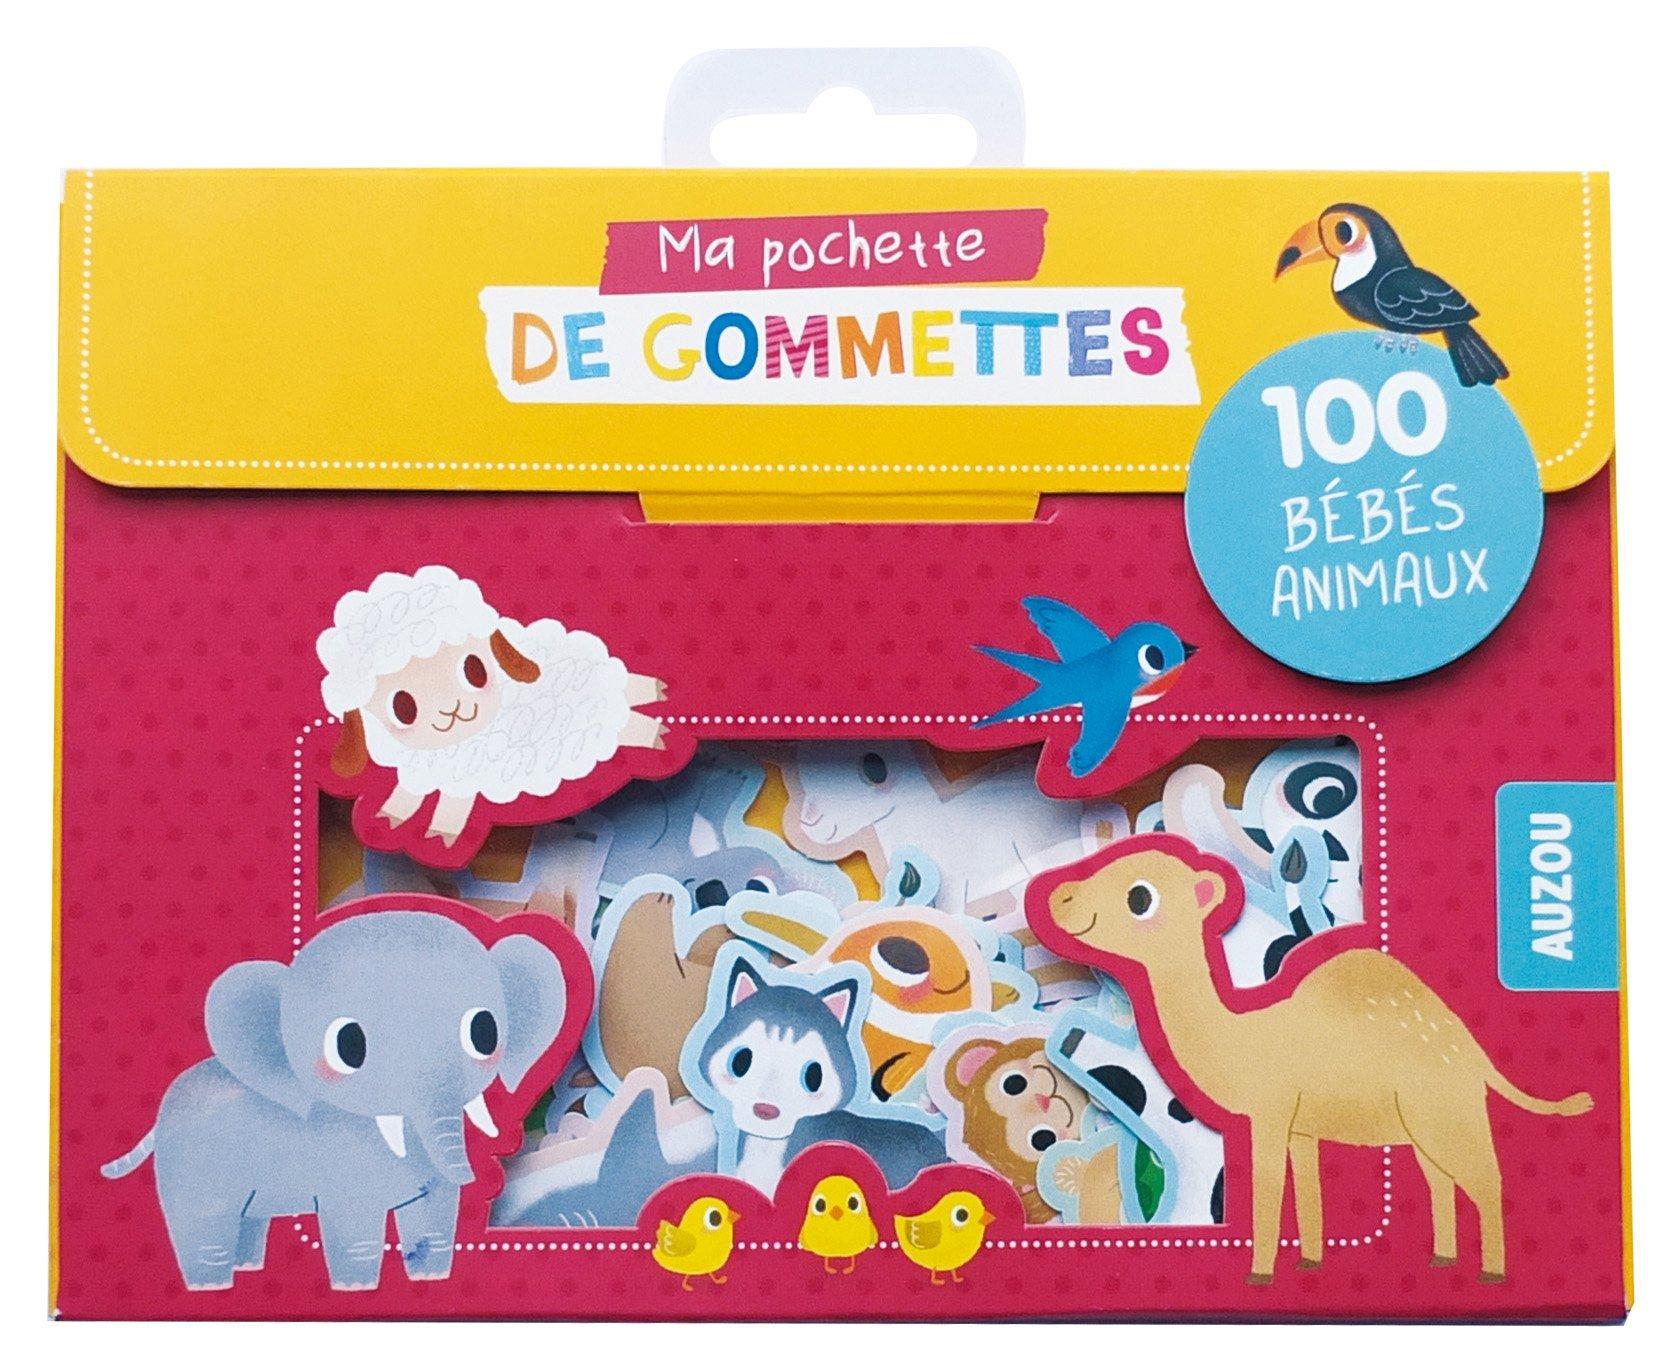 100 Gommettes Bebes Animaux Coll Ma Pochette De Gommettes Amazon